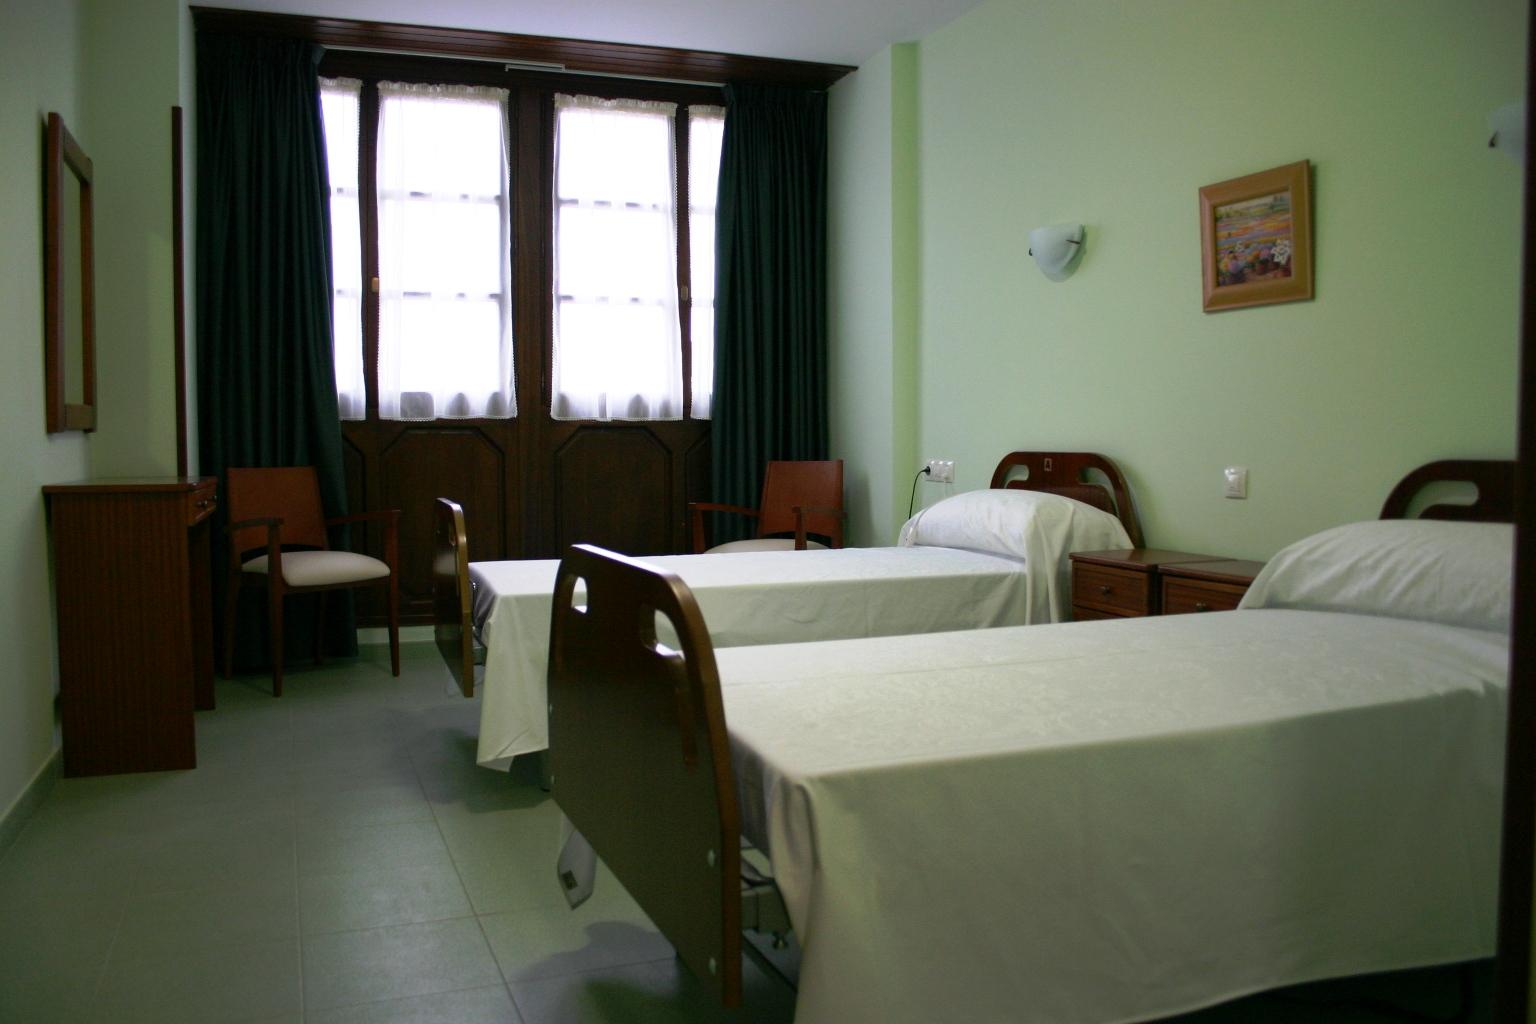 Residencial santa cecilia habitaciones - Duchas geriatricas ...